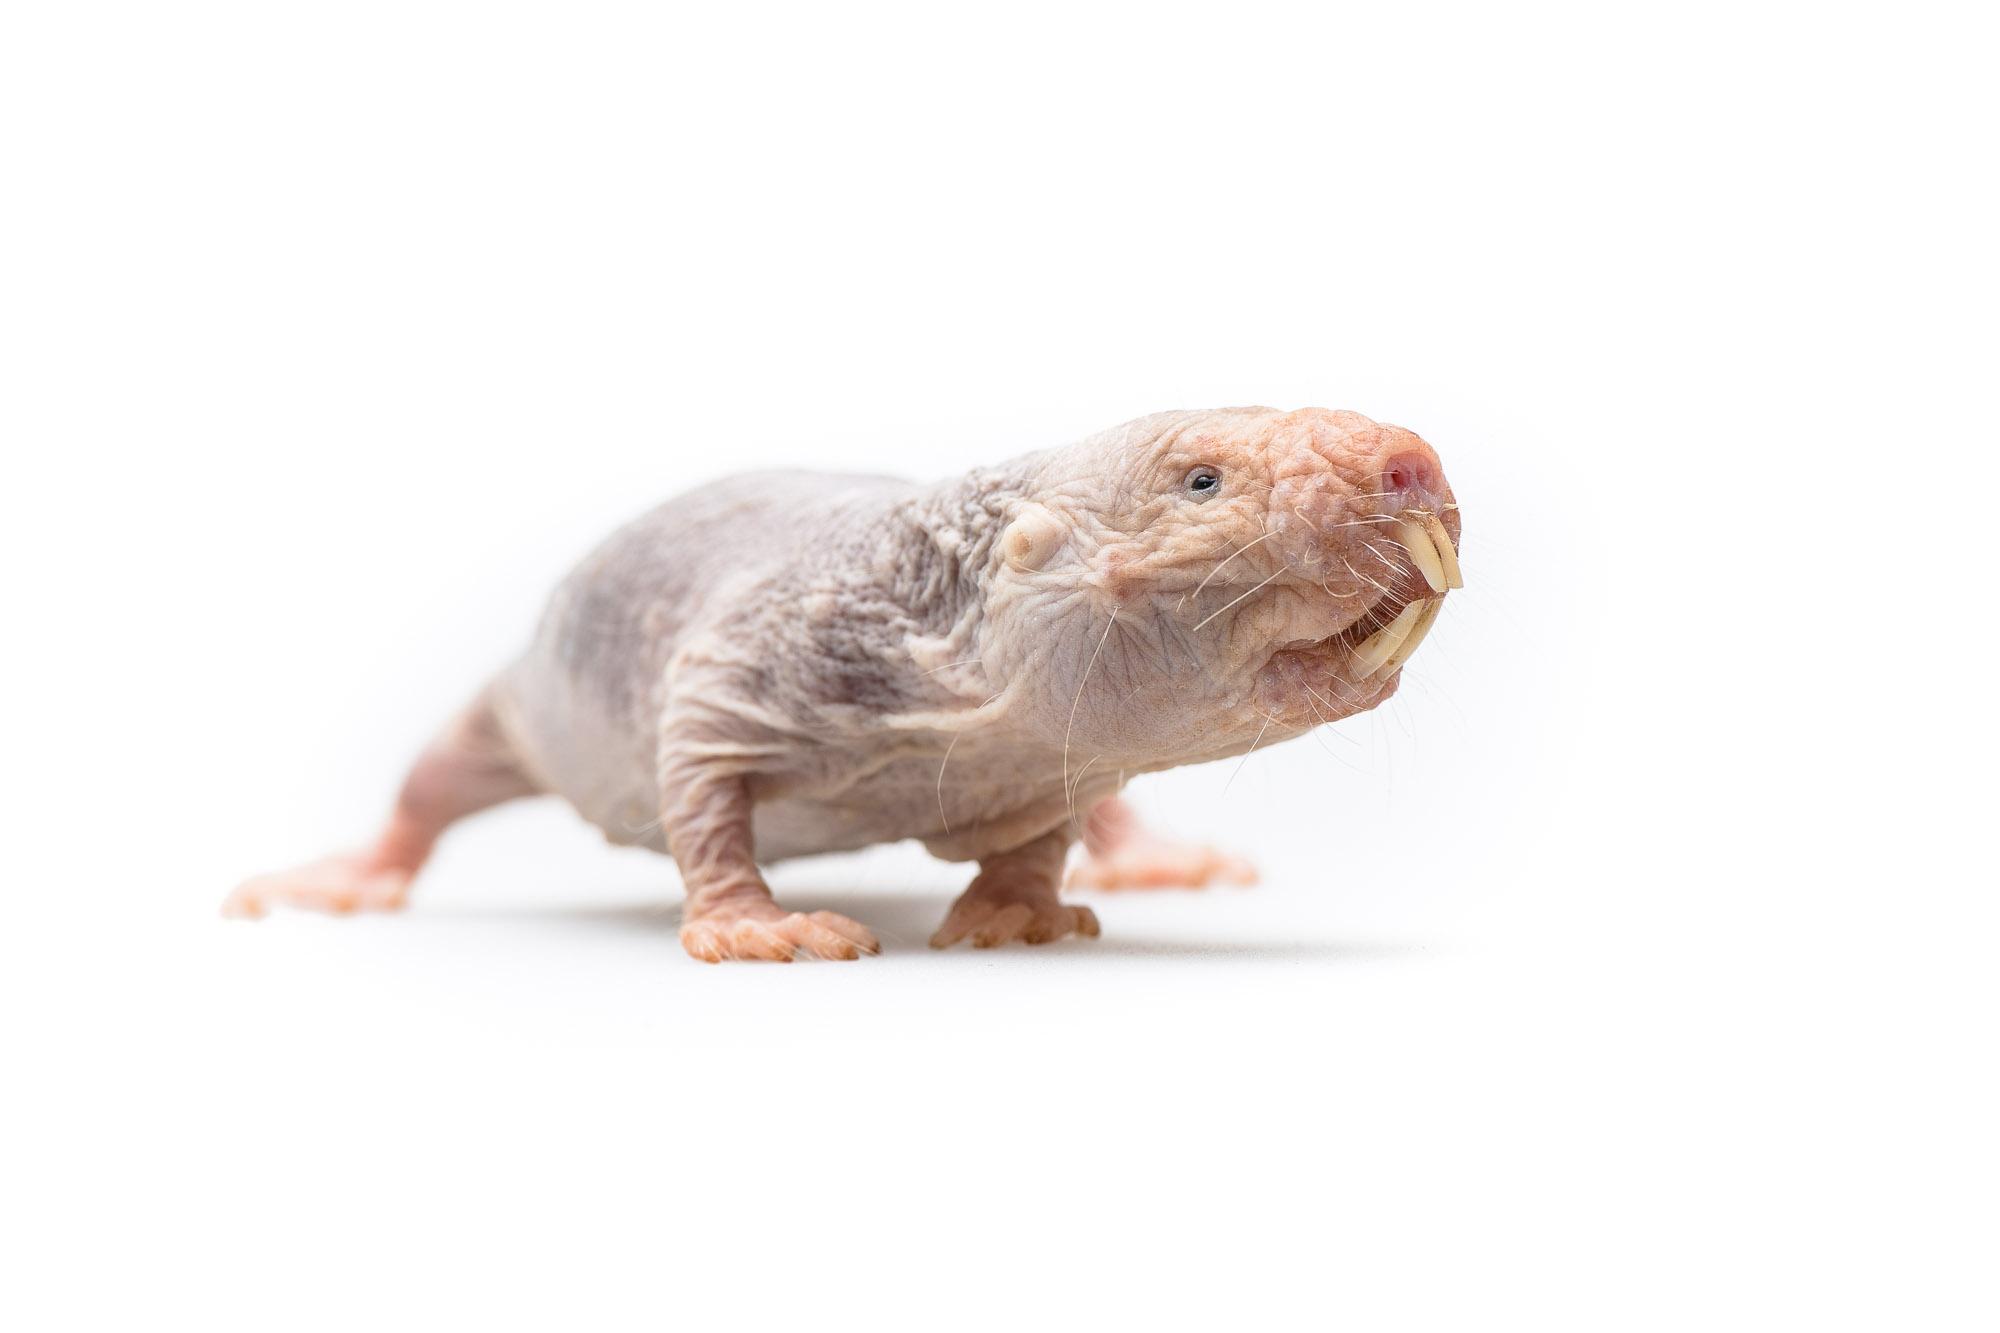 Kan vi finde en nøgle til kræftens gåde i den nøgne ørkenrotte fra Afrika? Den er et af jordens mest særprægede pattedyr med dens ekstreme fysiologiske tilpasningsevne. Selvom de ikke er meget større end mus, kan de blive mere end 35 år gamle uden at blive ramt af kræft. Tilmed er de ikke i stand til at føle smerte og de er bedre til at overleve iltmangel end alle andre pattedyr. (Foto: Brian Rasmussen, Randers Regnskov)